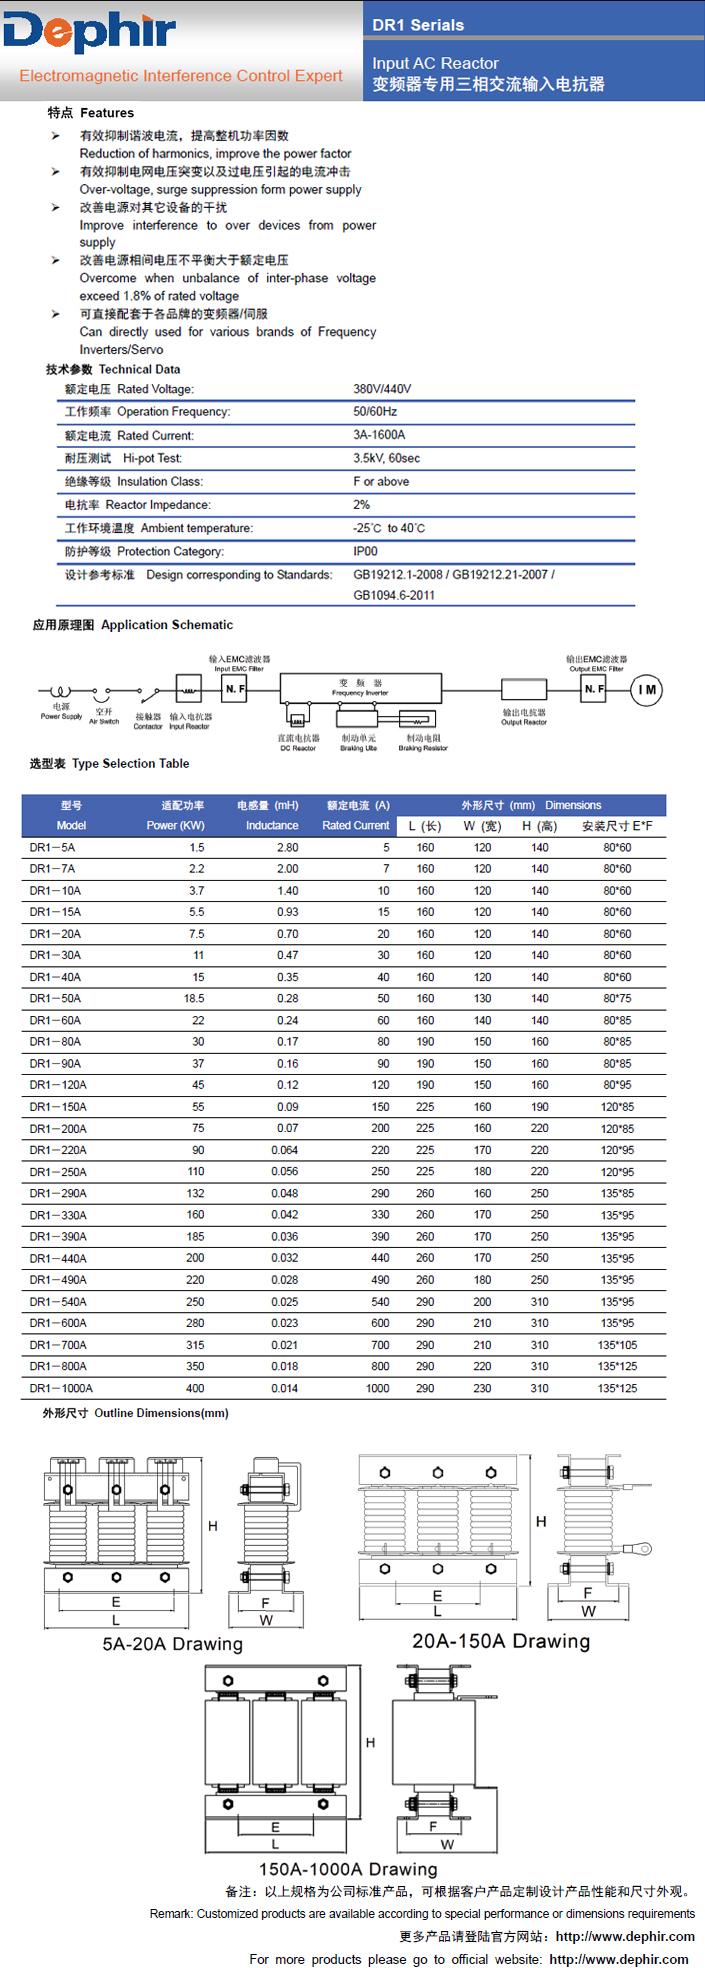 DR1 Serials Input AC Reactor